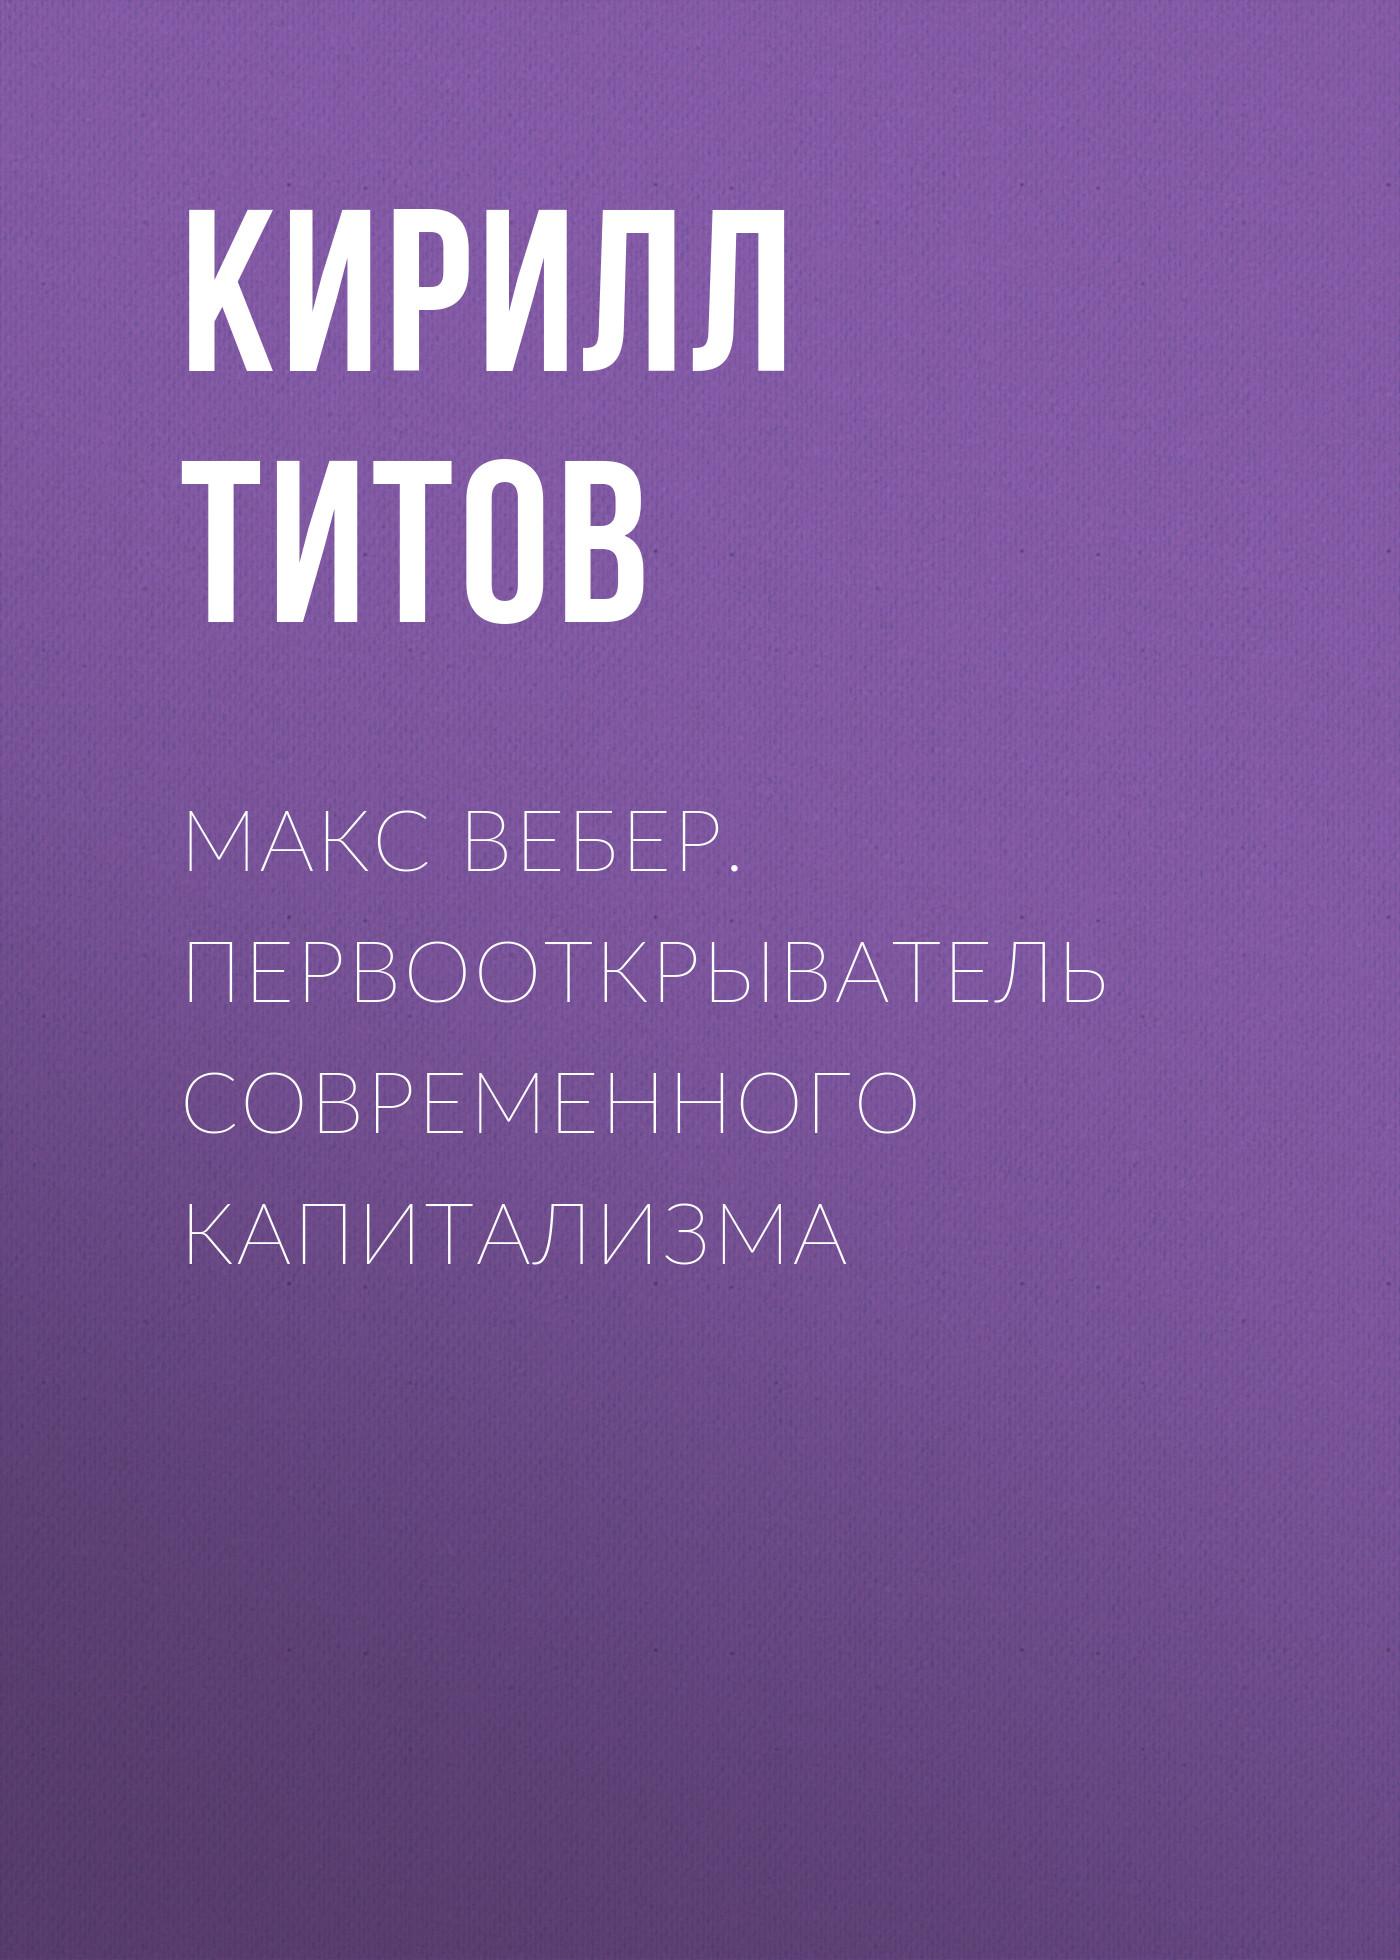 Кирилл Титов Макс Вебер. Первооткрыватель современного капитализма болтански люк кьяпелло эв новый дух капитализма